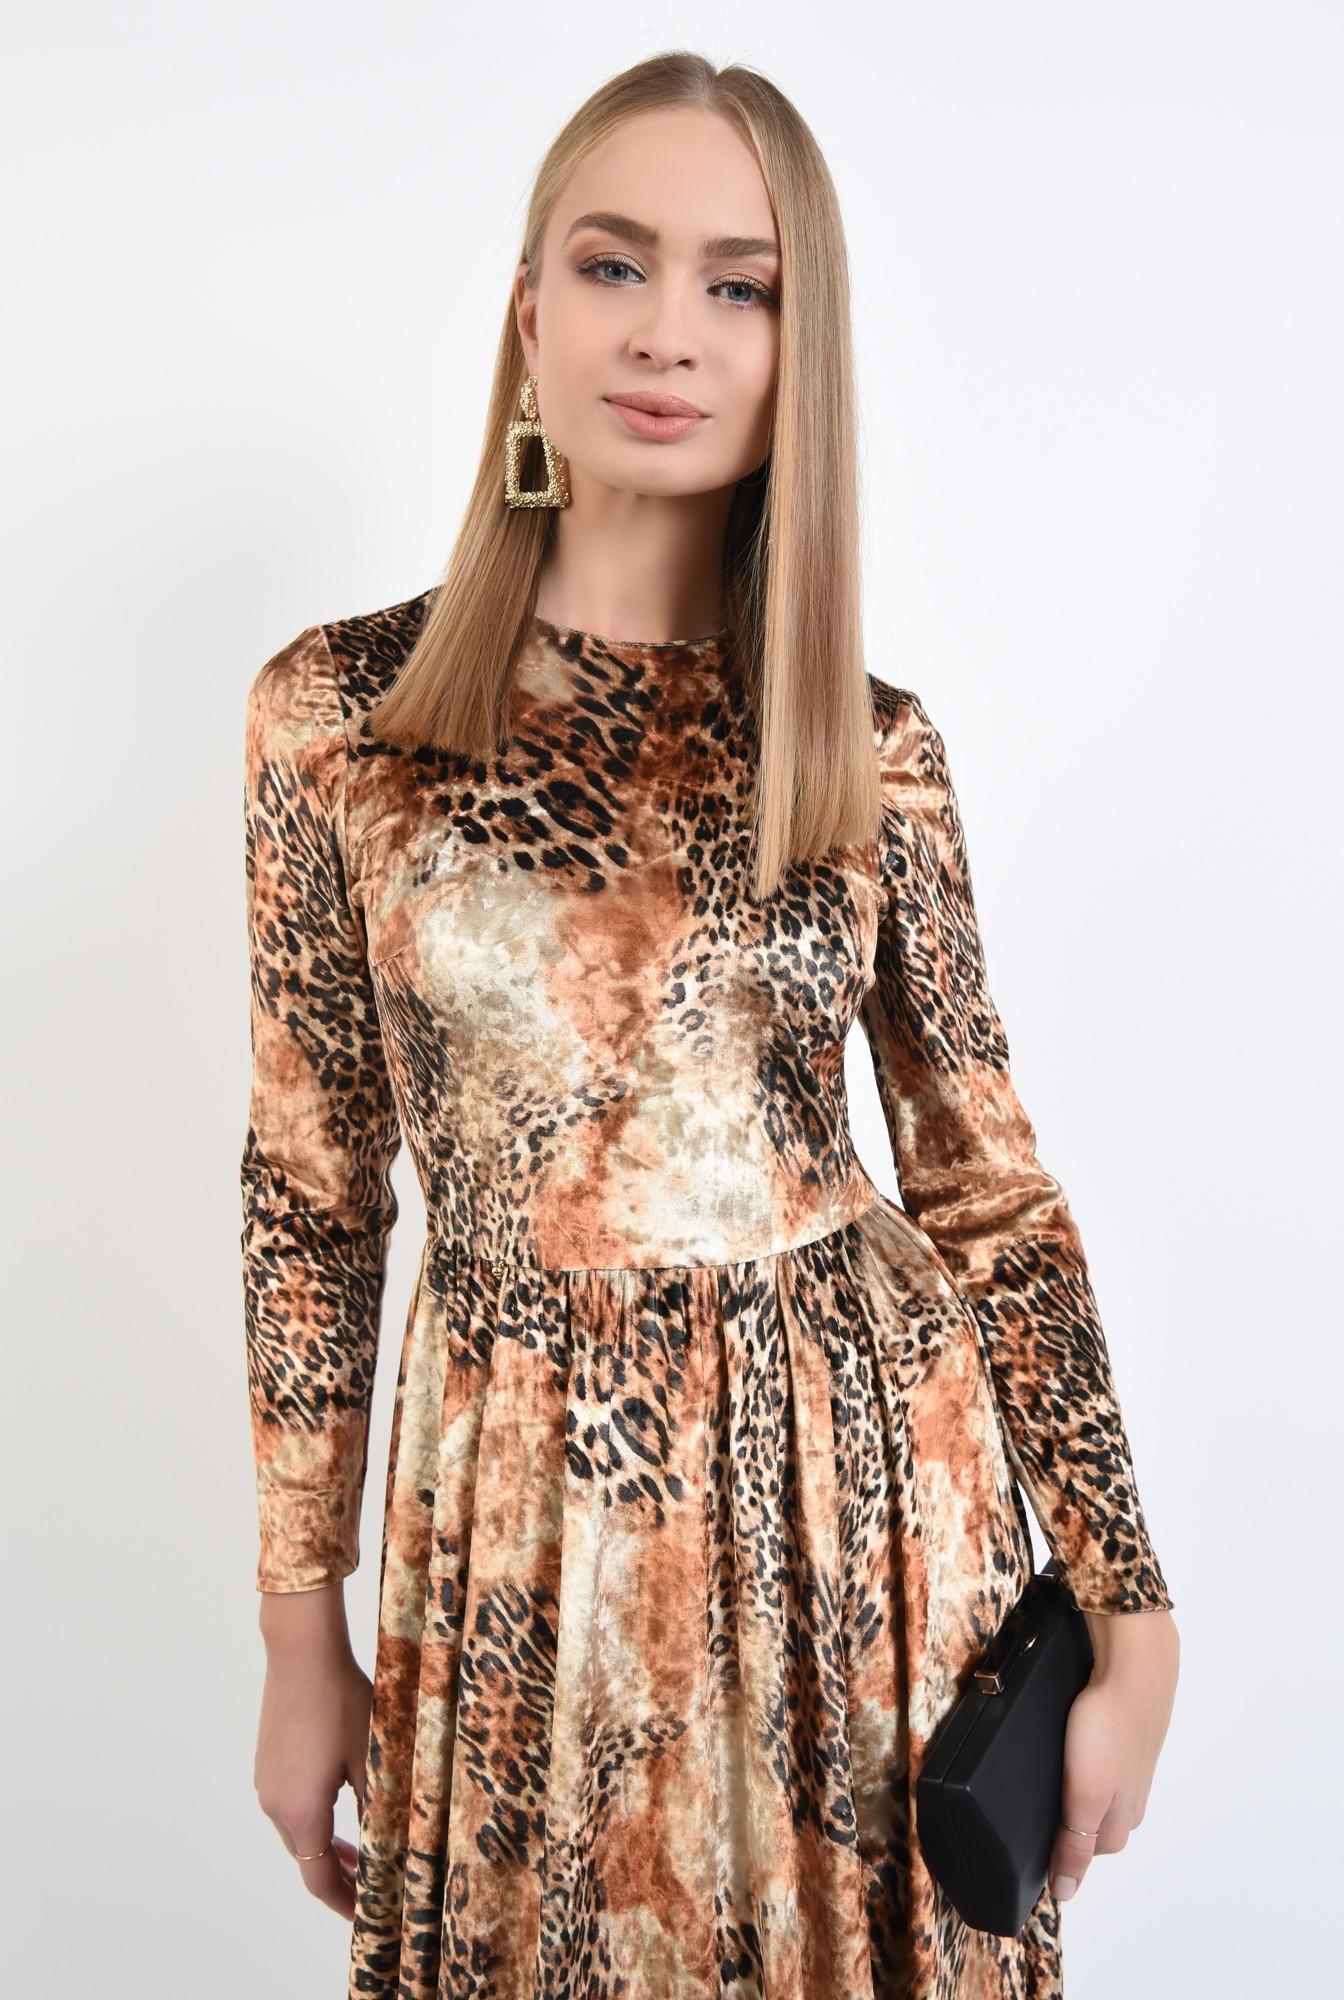 2 - rochie eleganta, evazata, catifea imprimata, cusatura in talie, rascroiala rotunda la gat